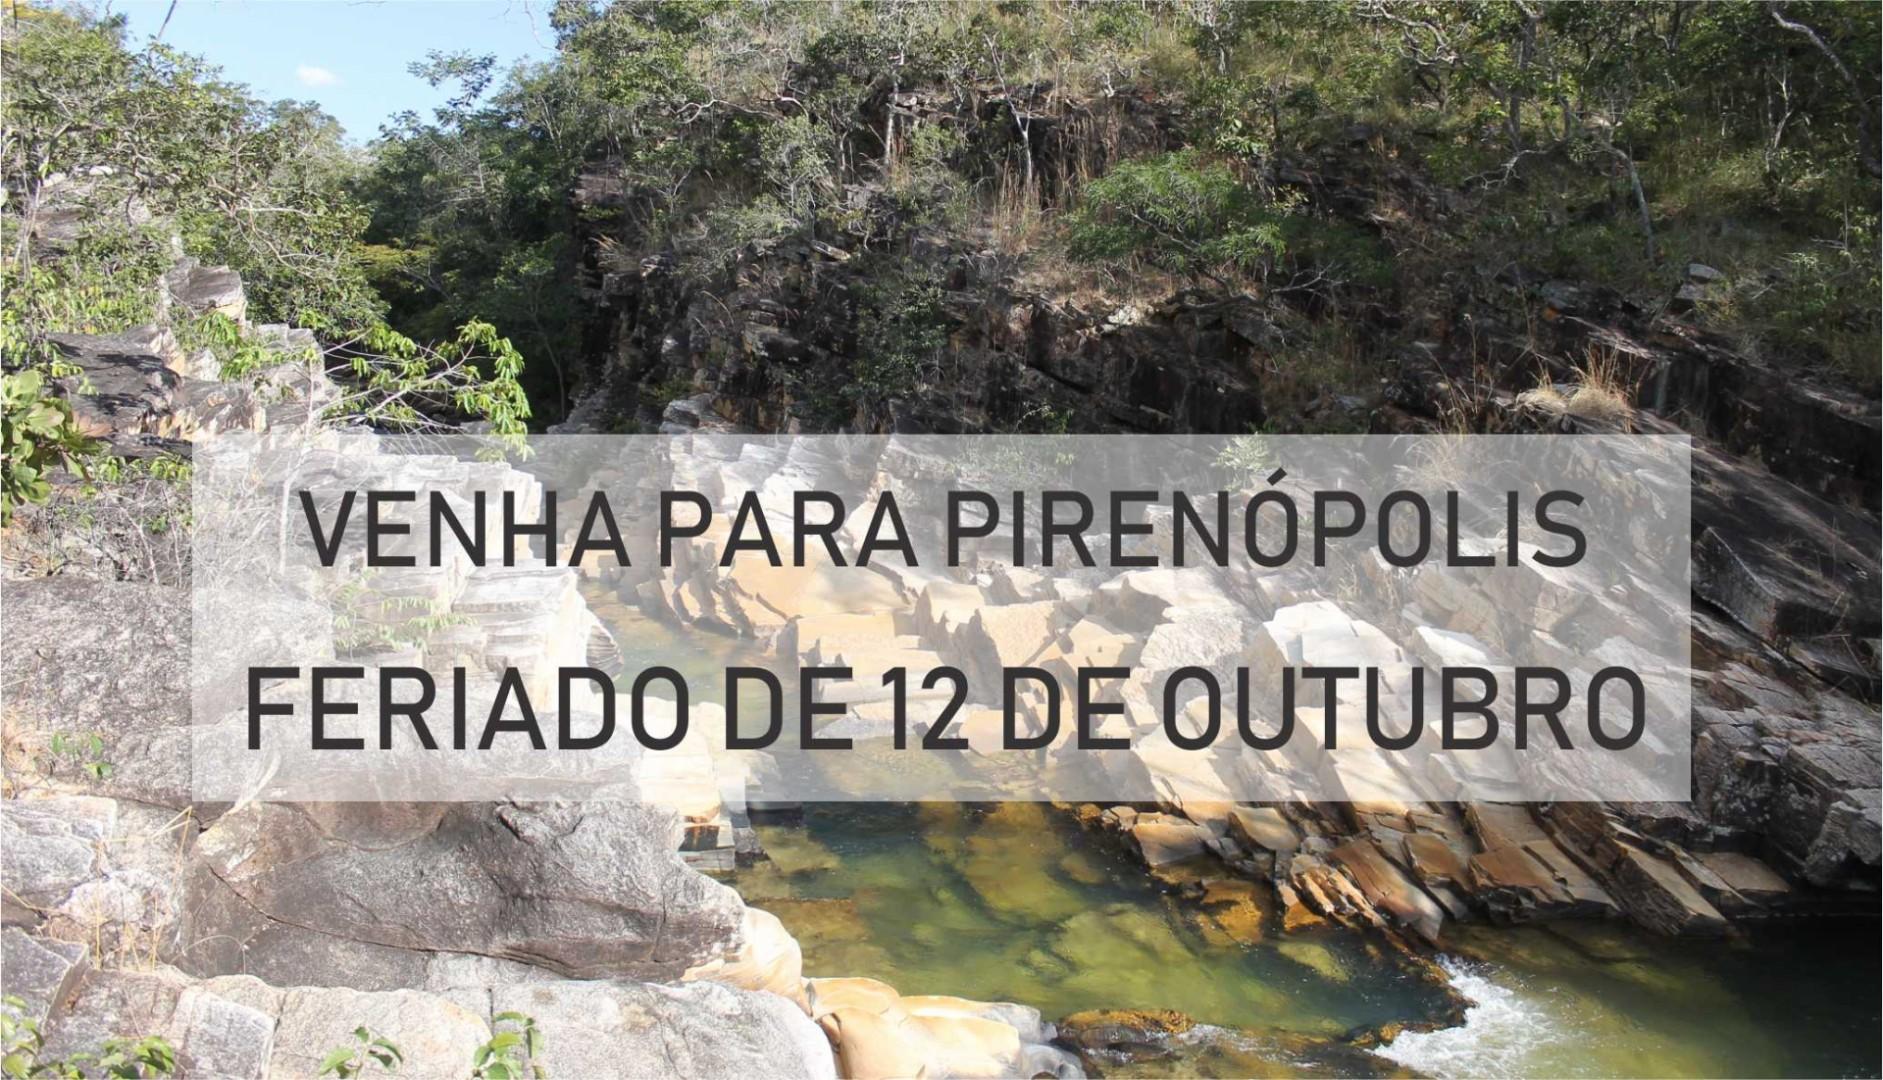 Feriado do dia 12 de Outubro de 2018 em Pirenópolis